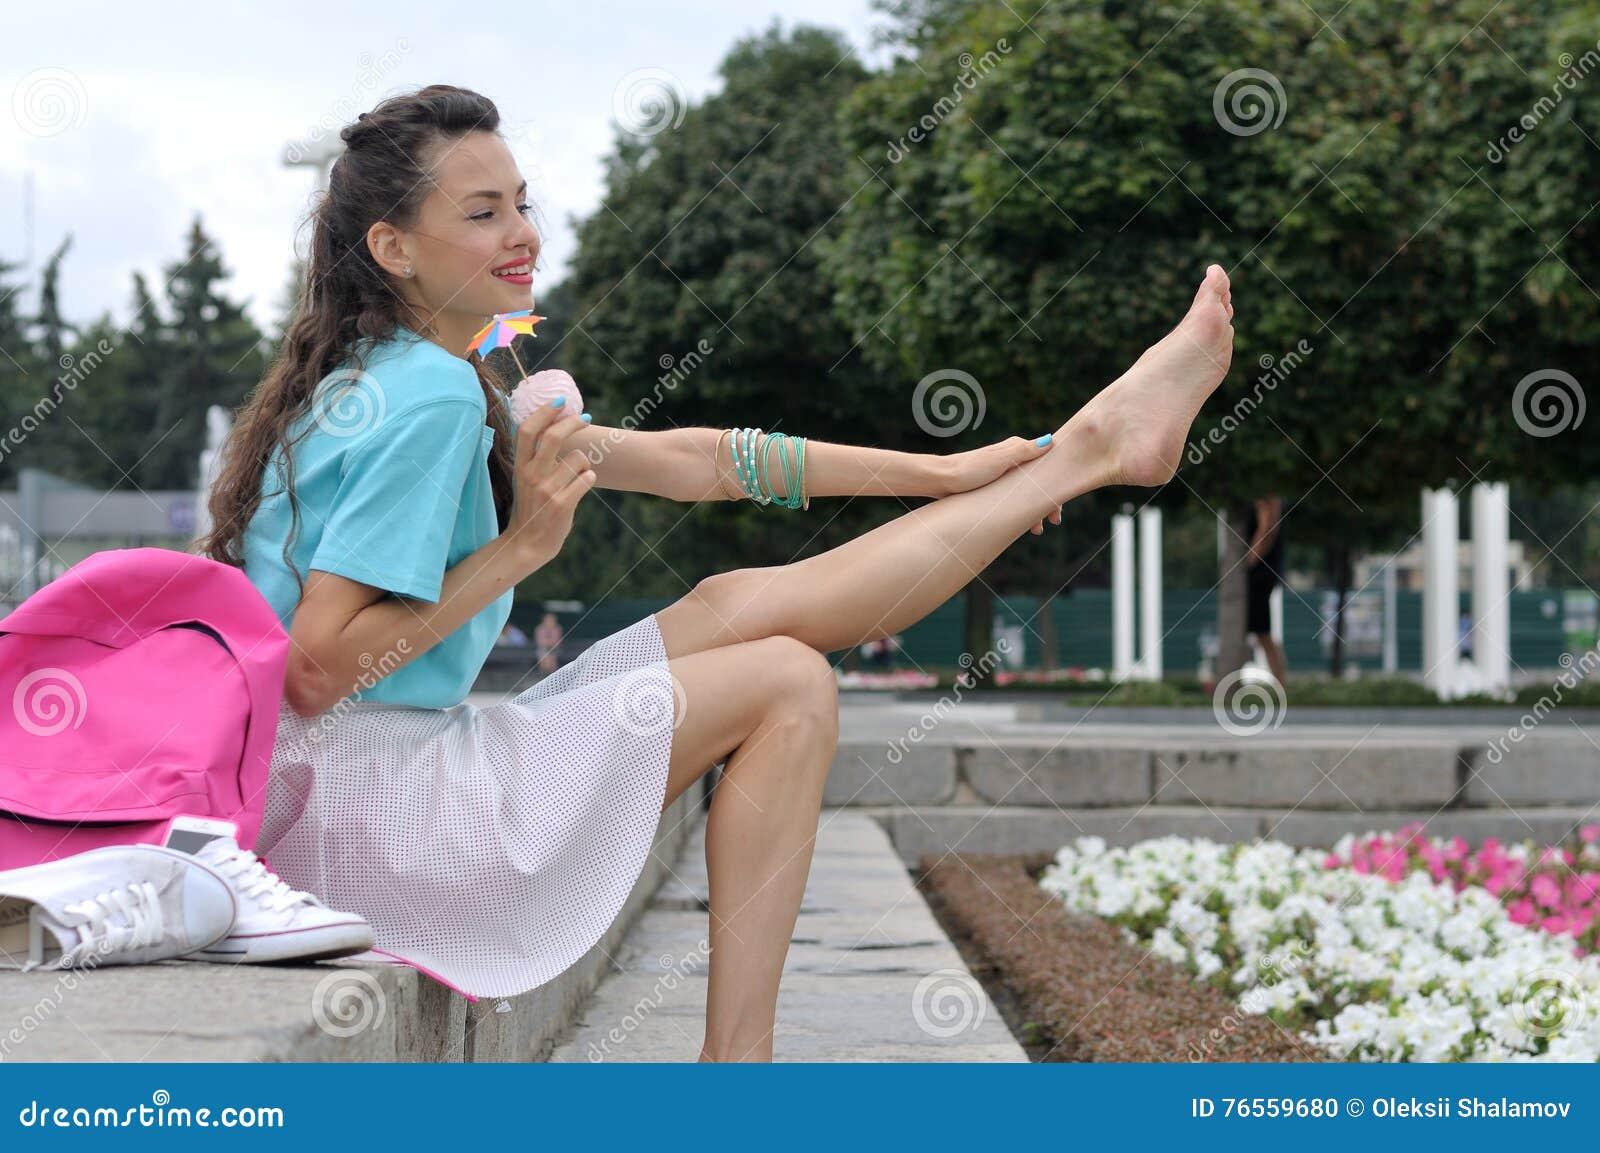 Το κορίτσι κάθεται στα σκαλοπάτια κρατώντας το πόδι της